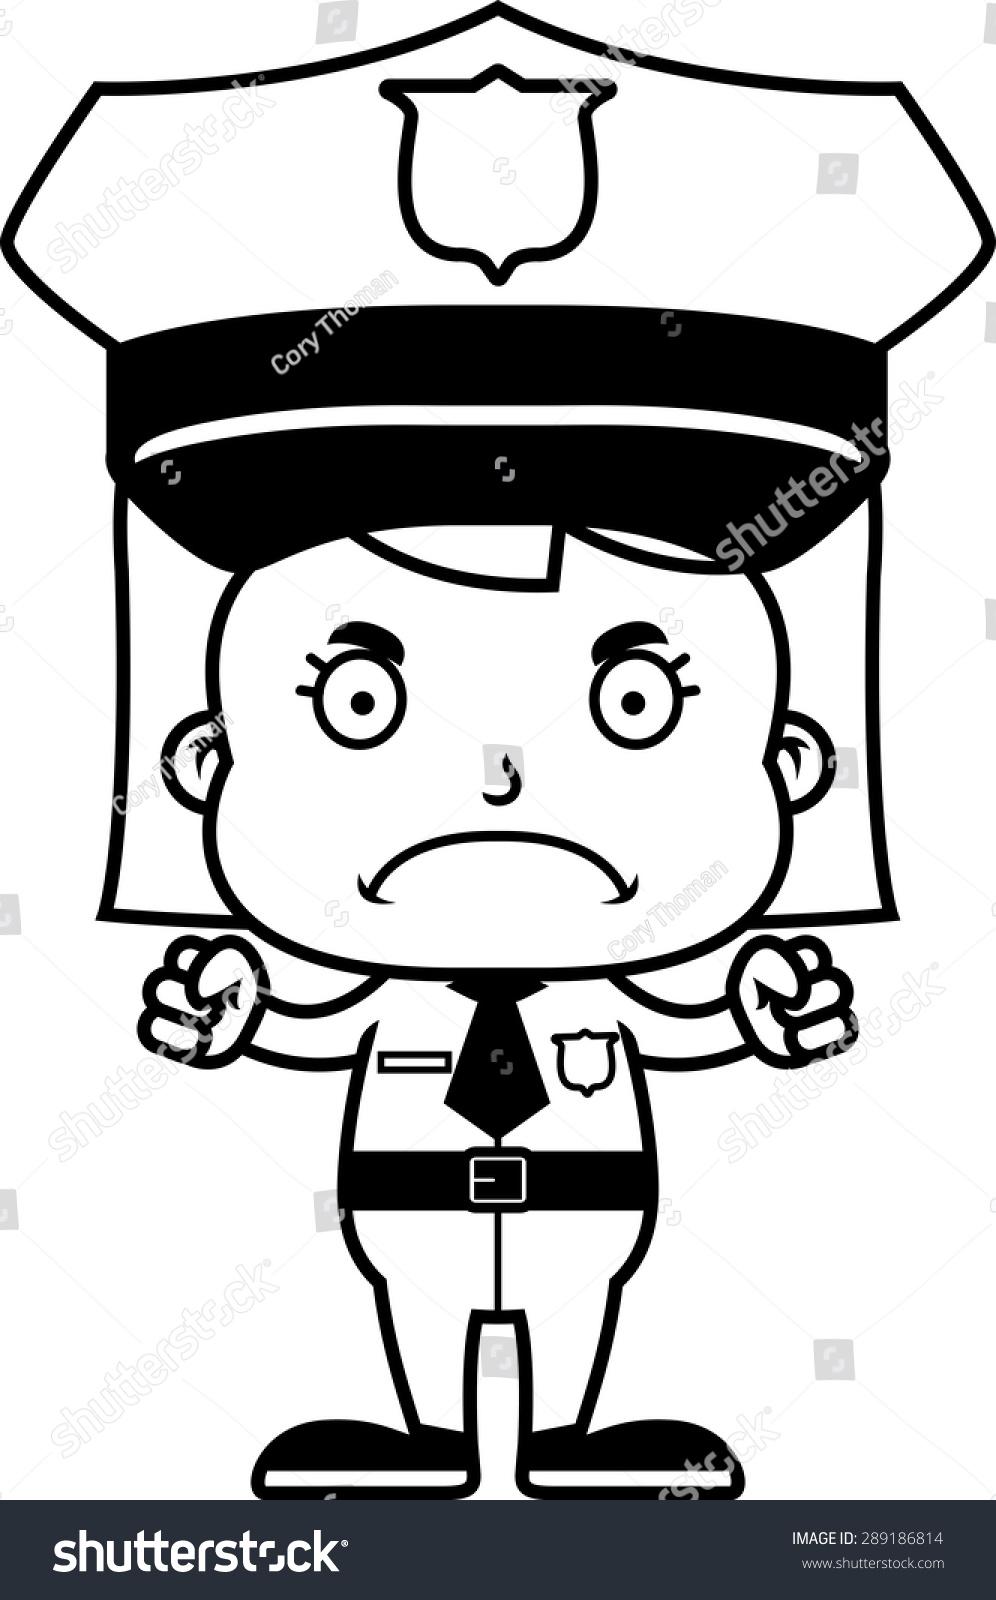 警察动漫手绘图